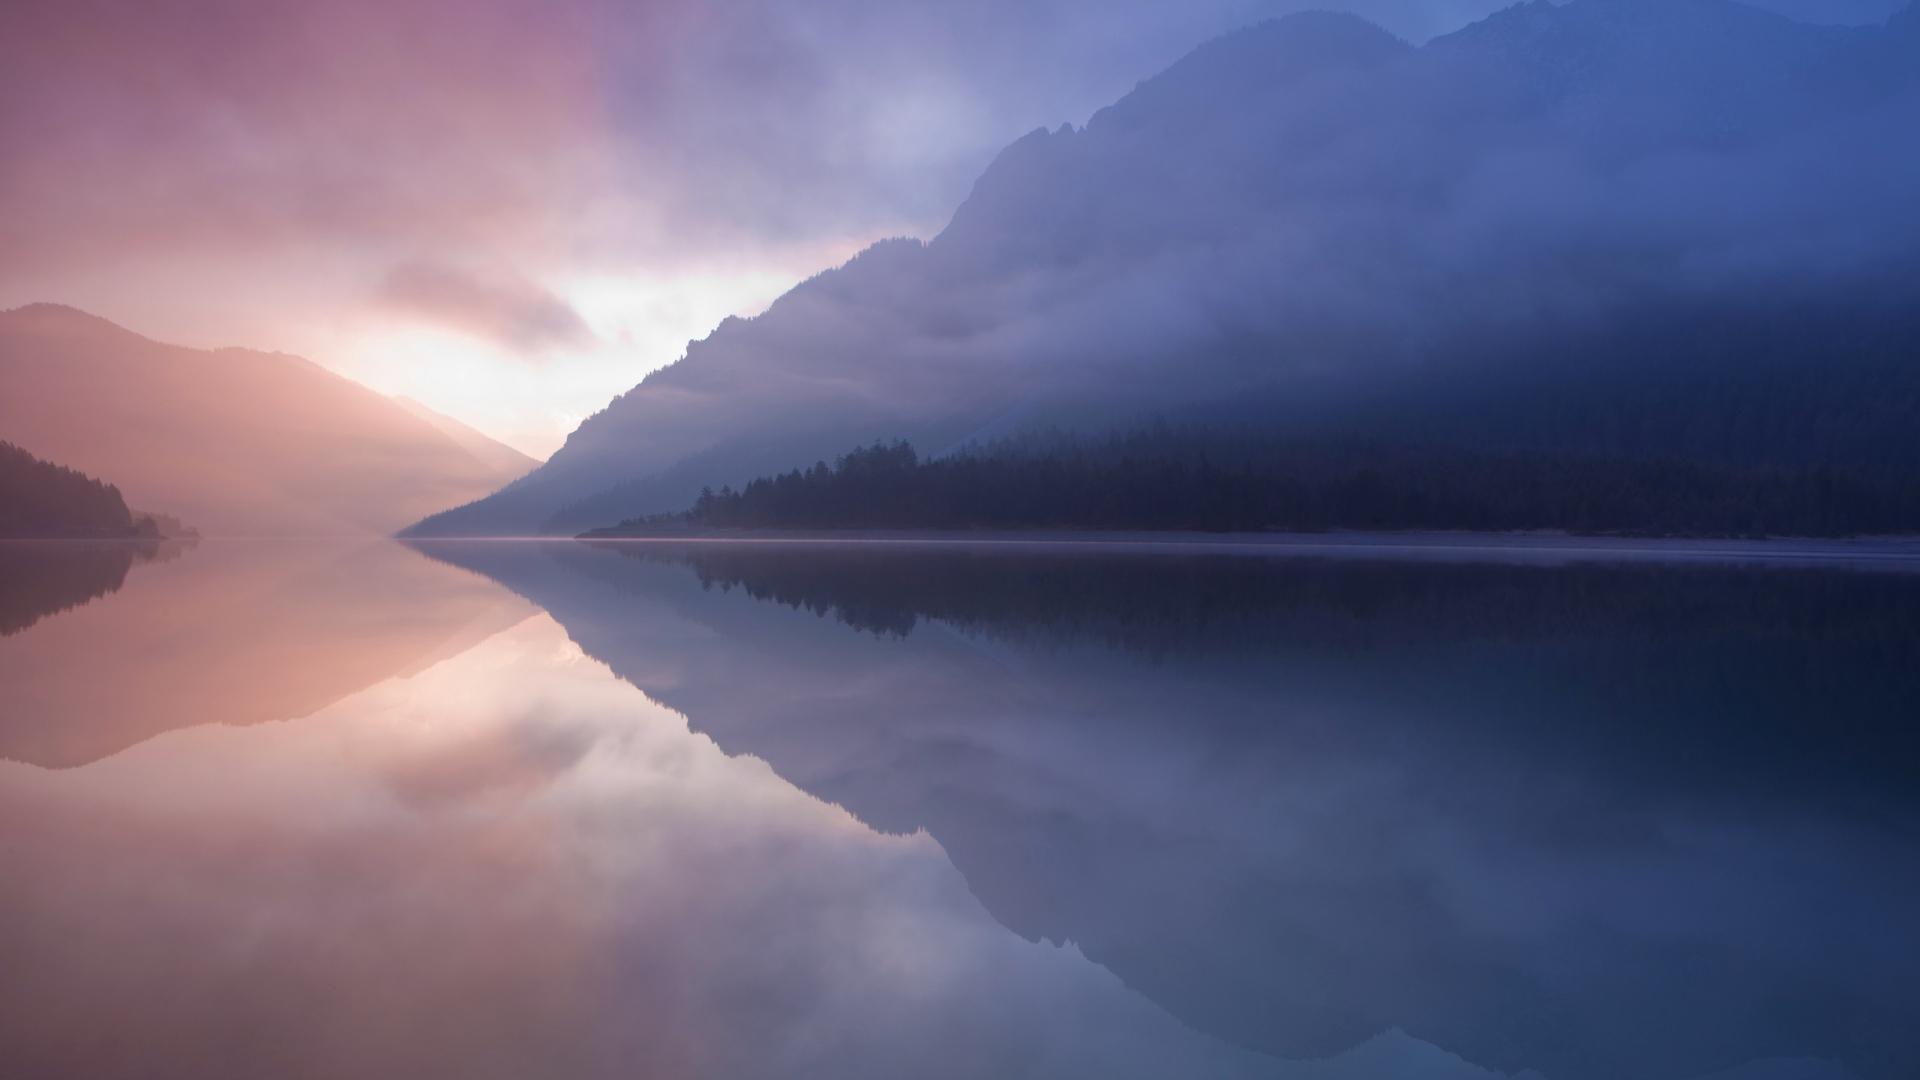 Misted lake